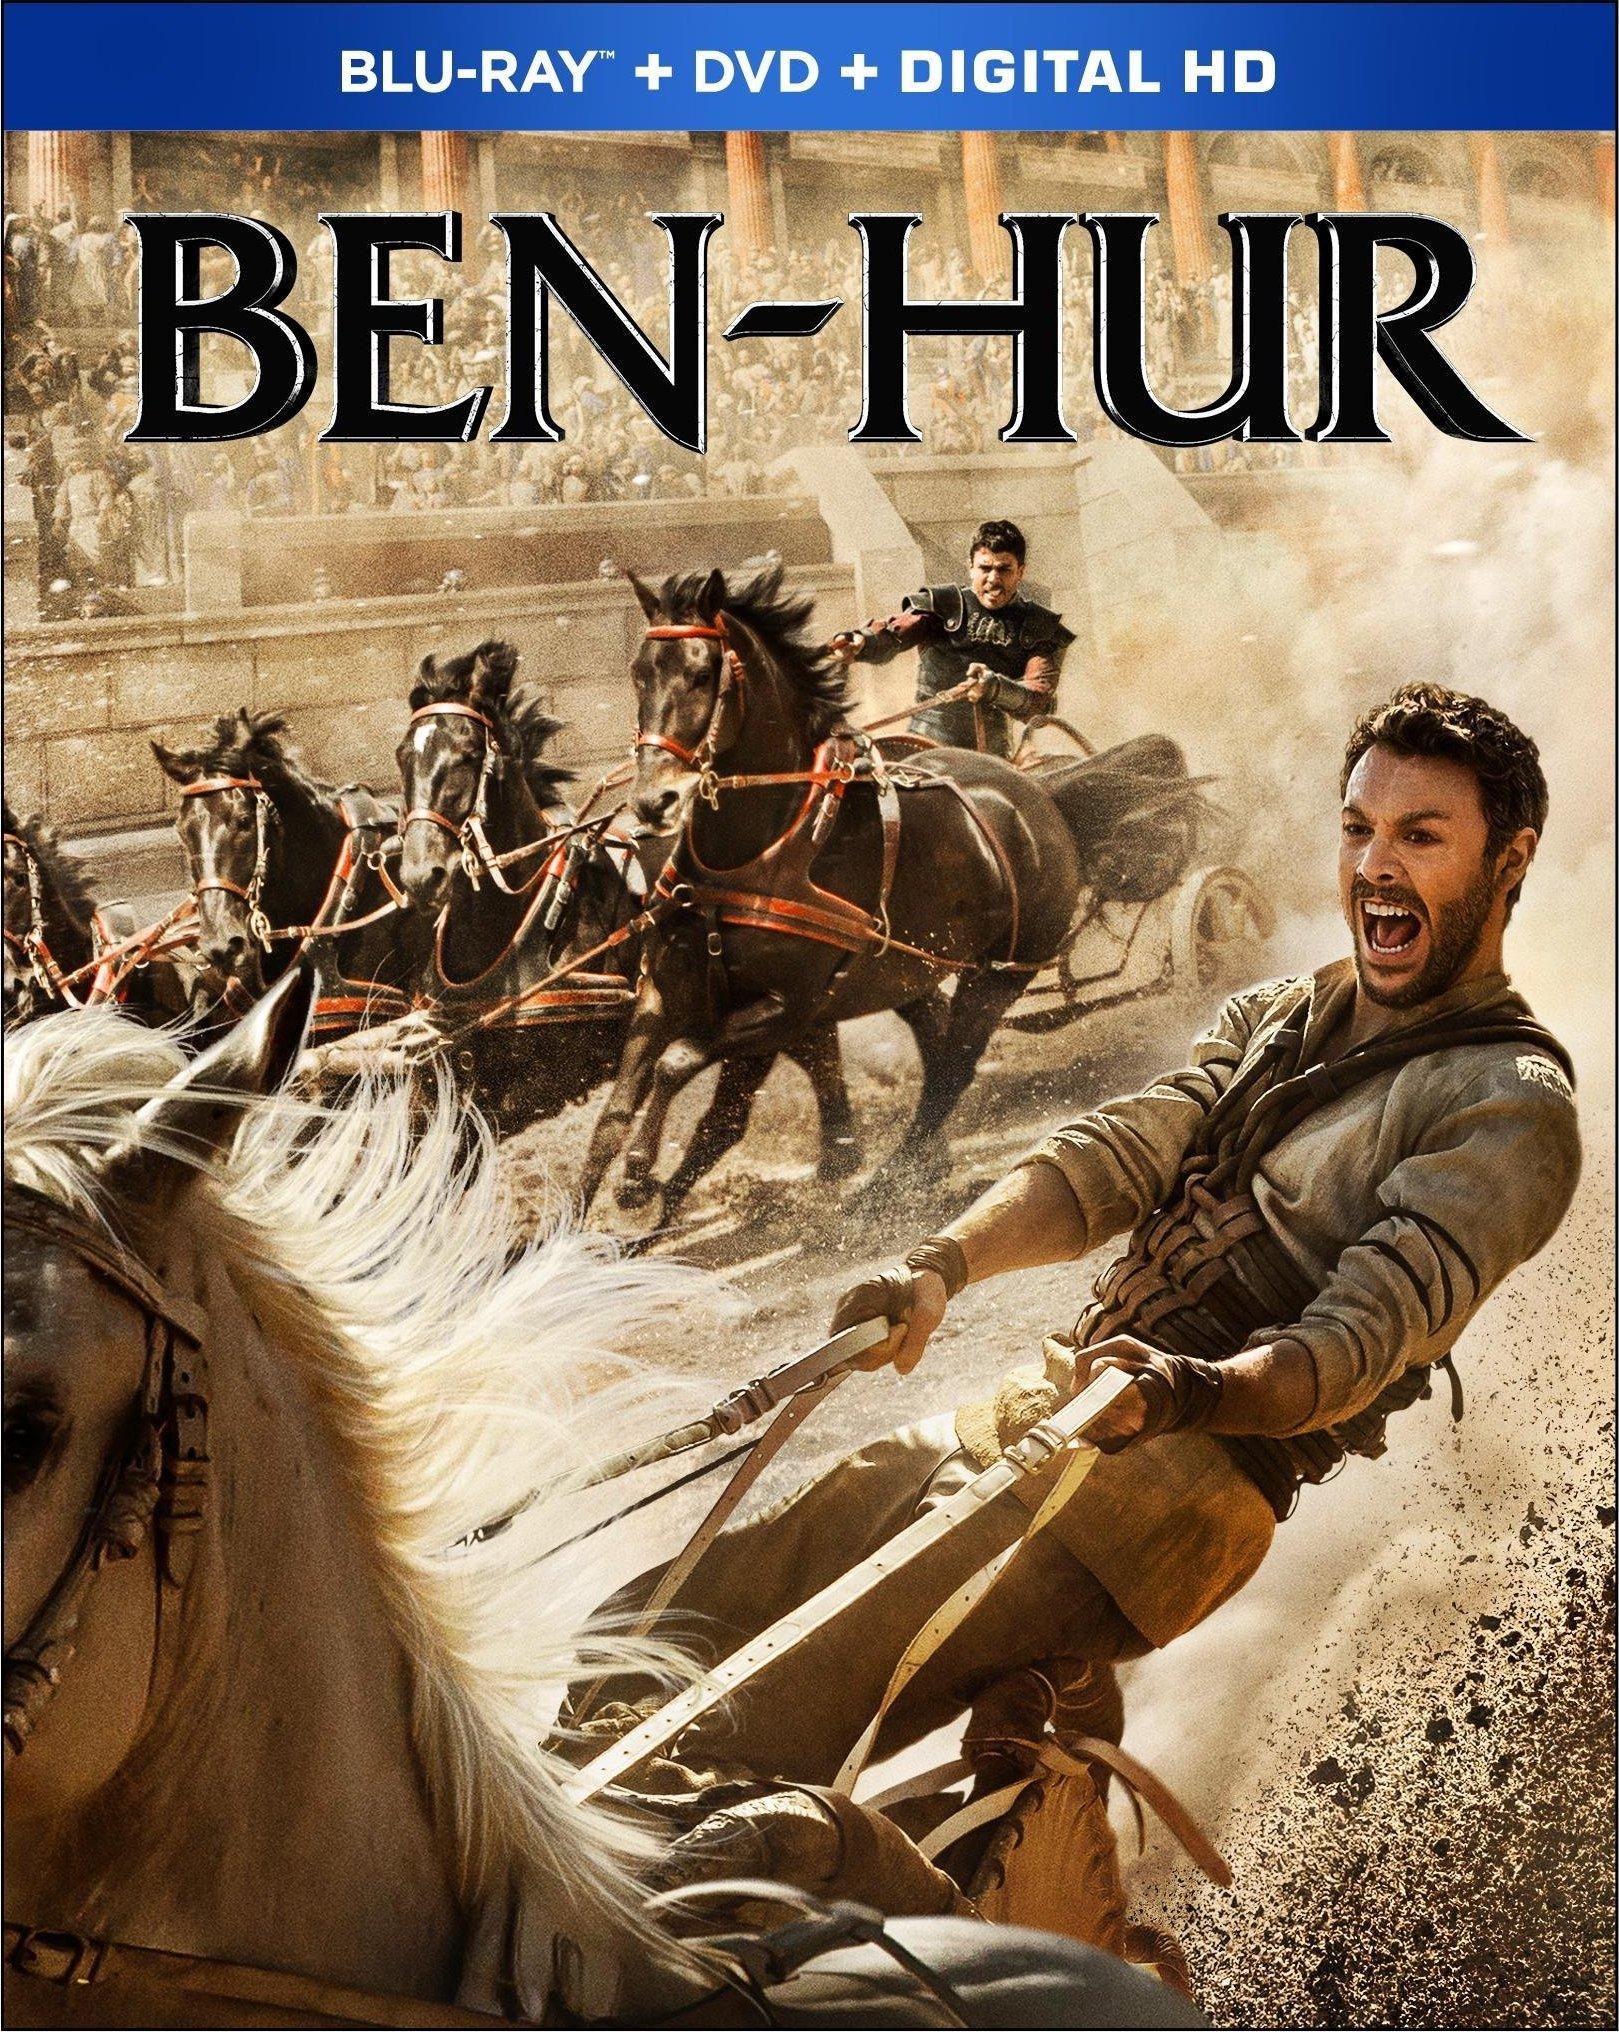 Ben-Hur (2016) poster image